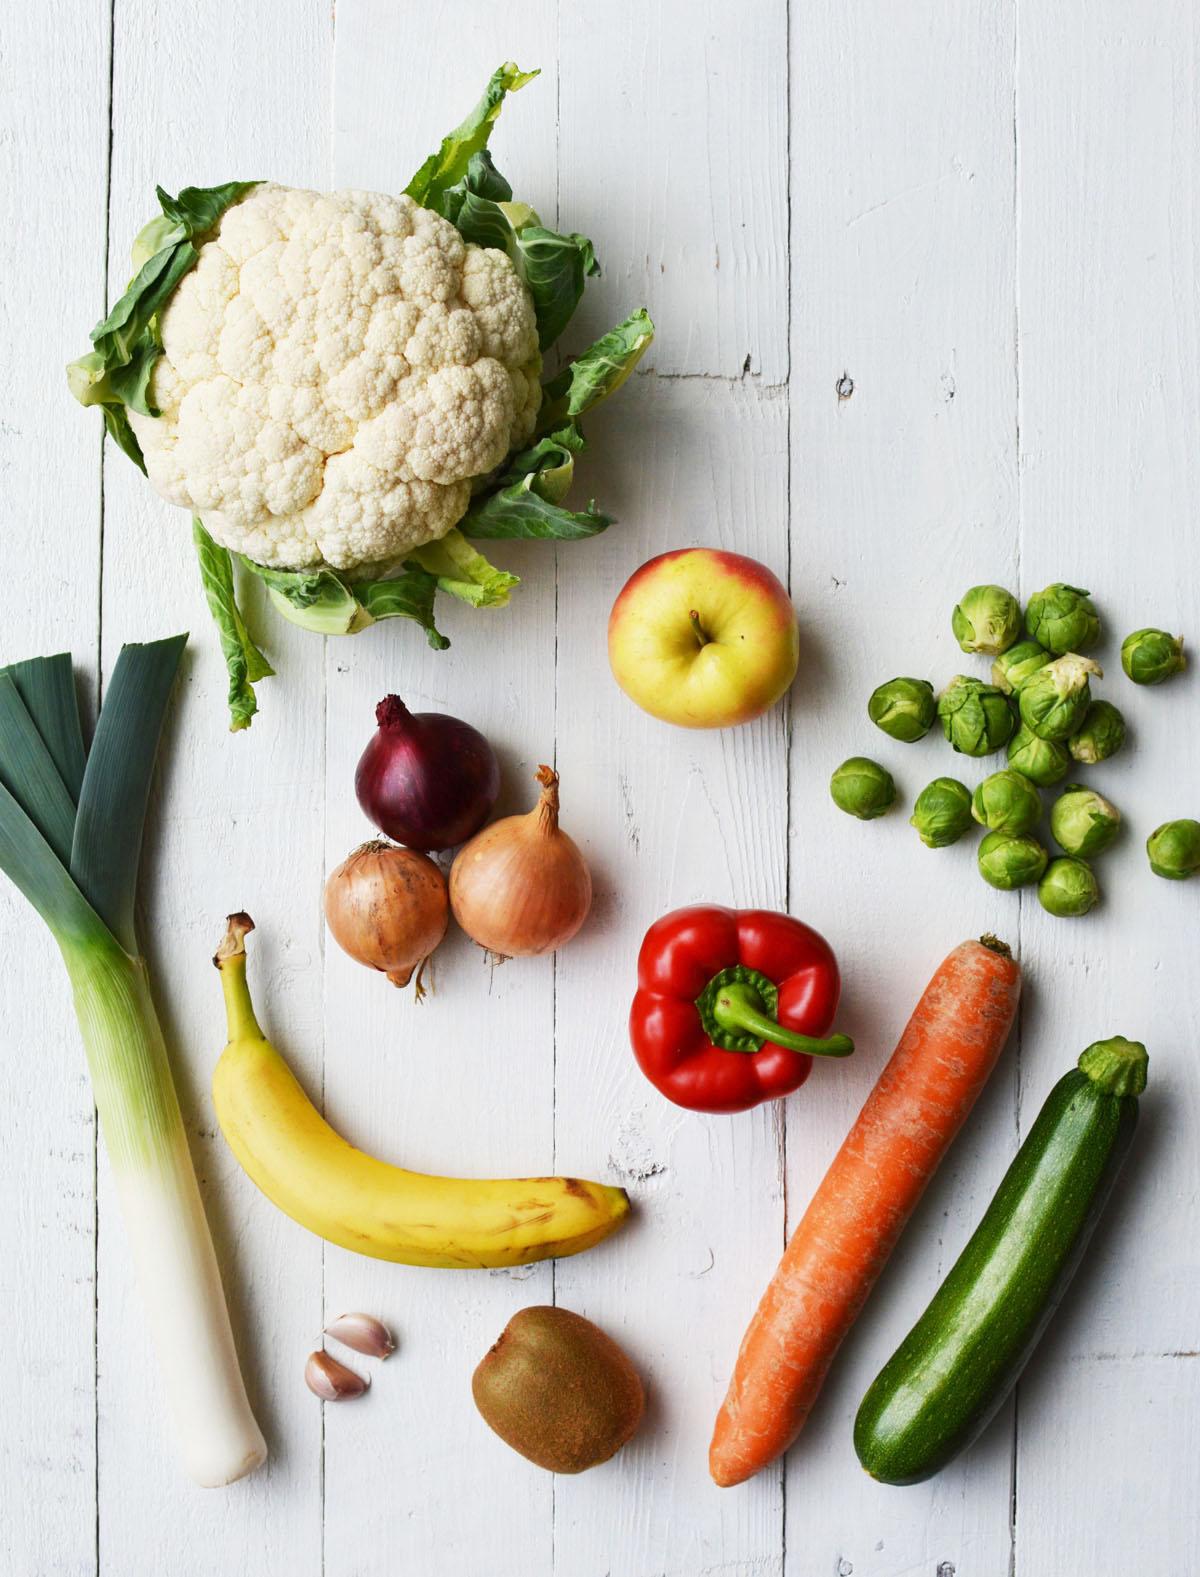 Schijf 1 - Groente en fruit